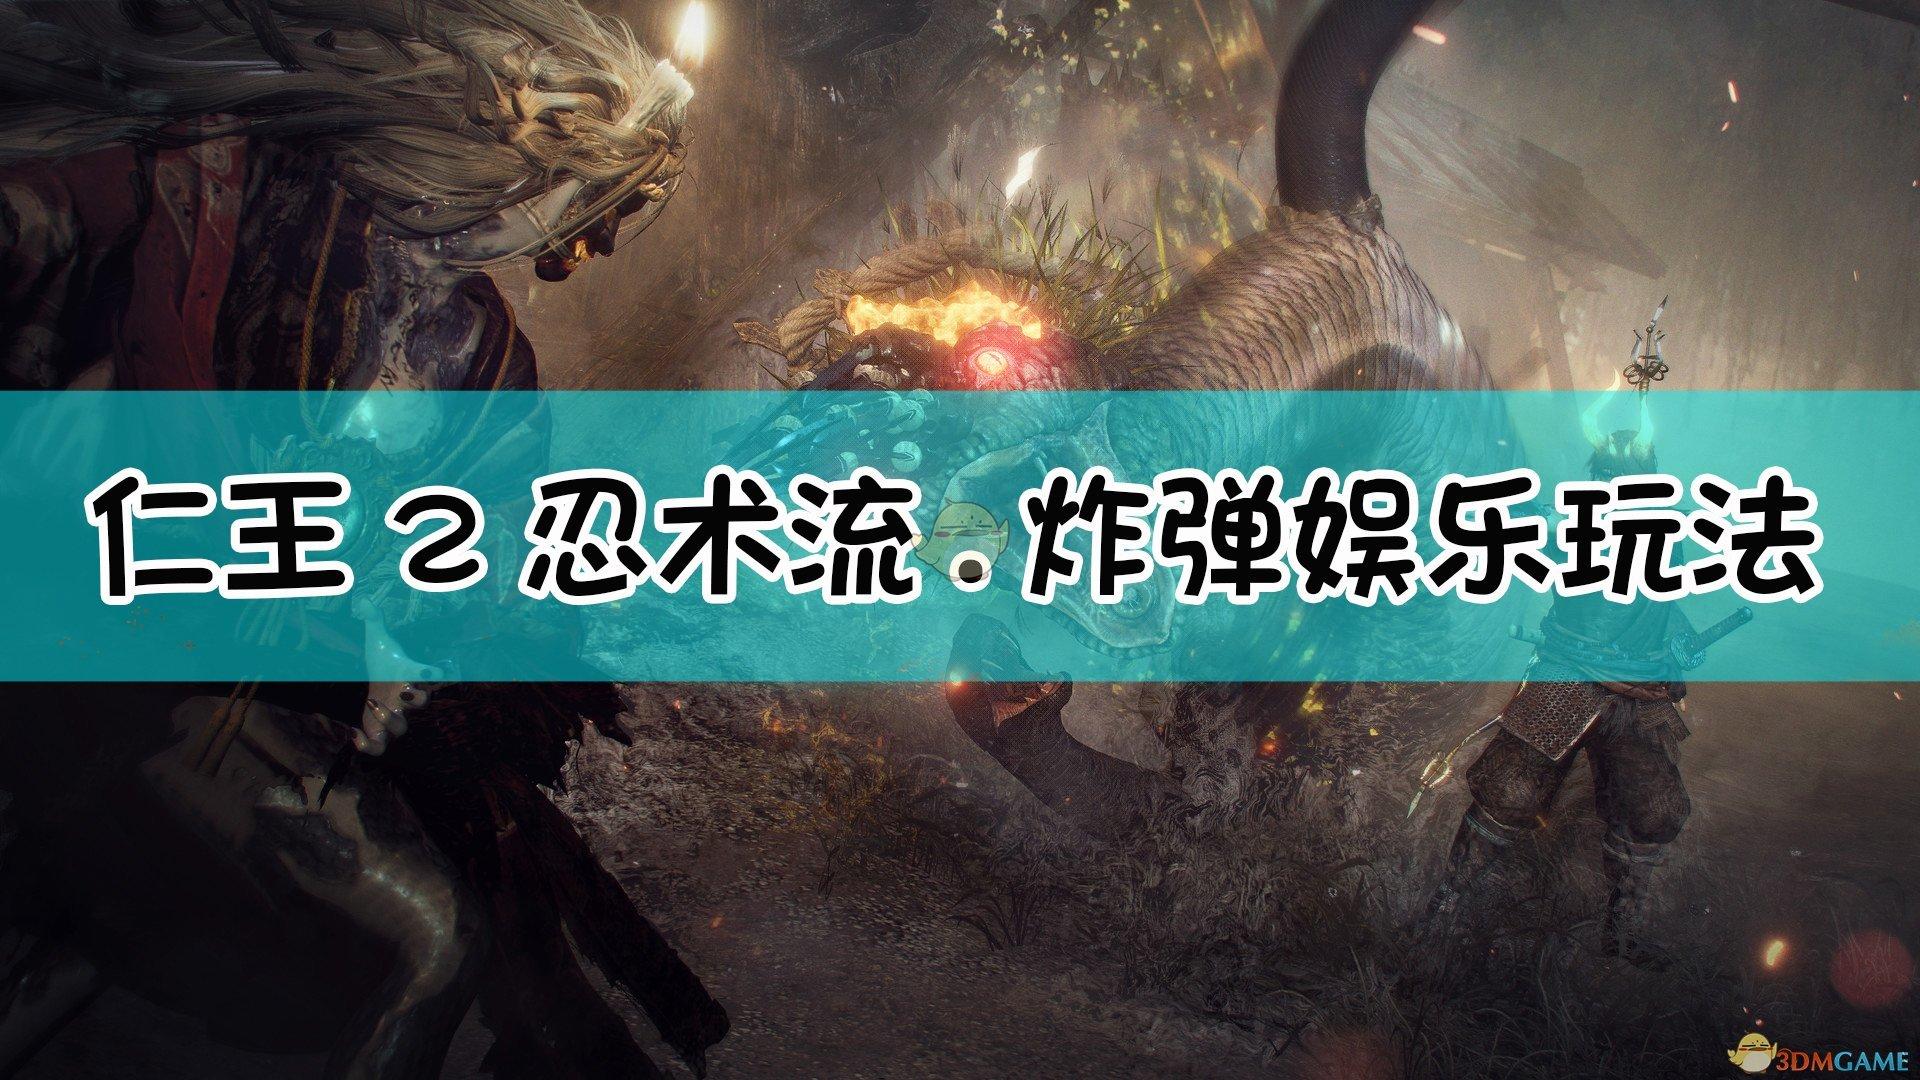 《仁王2》忍术流.炸弹娱乐玩法配装指南